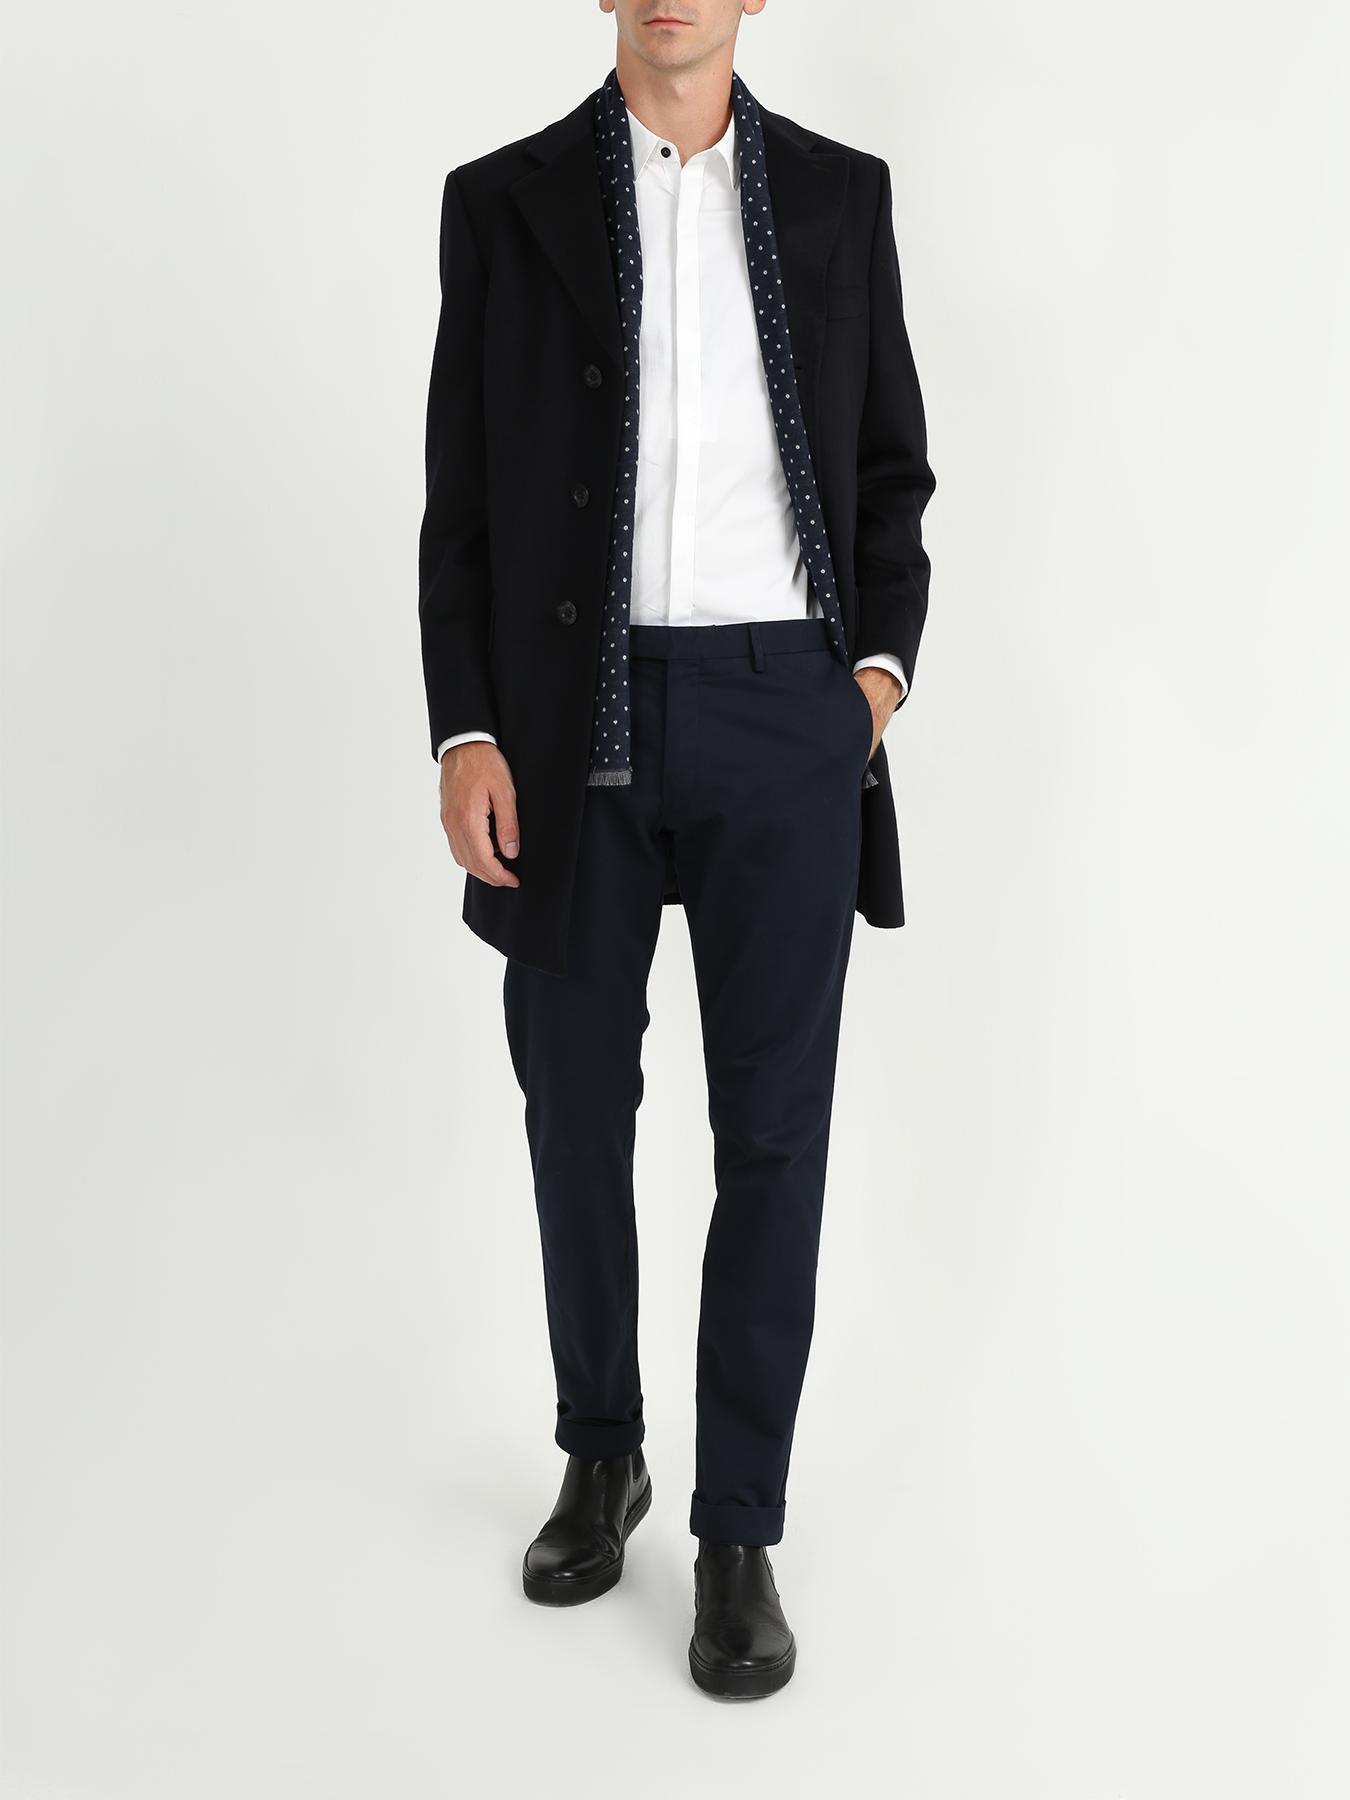 Пальто Alessandro Manzoni Классическое пальто